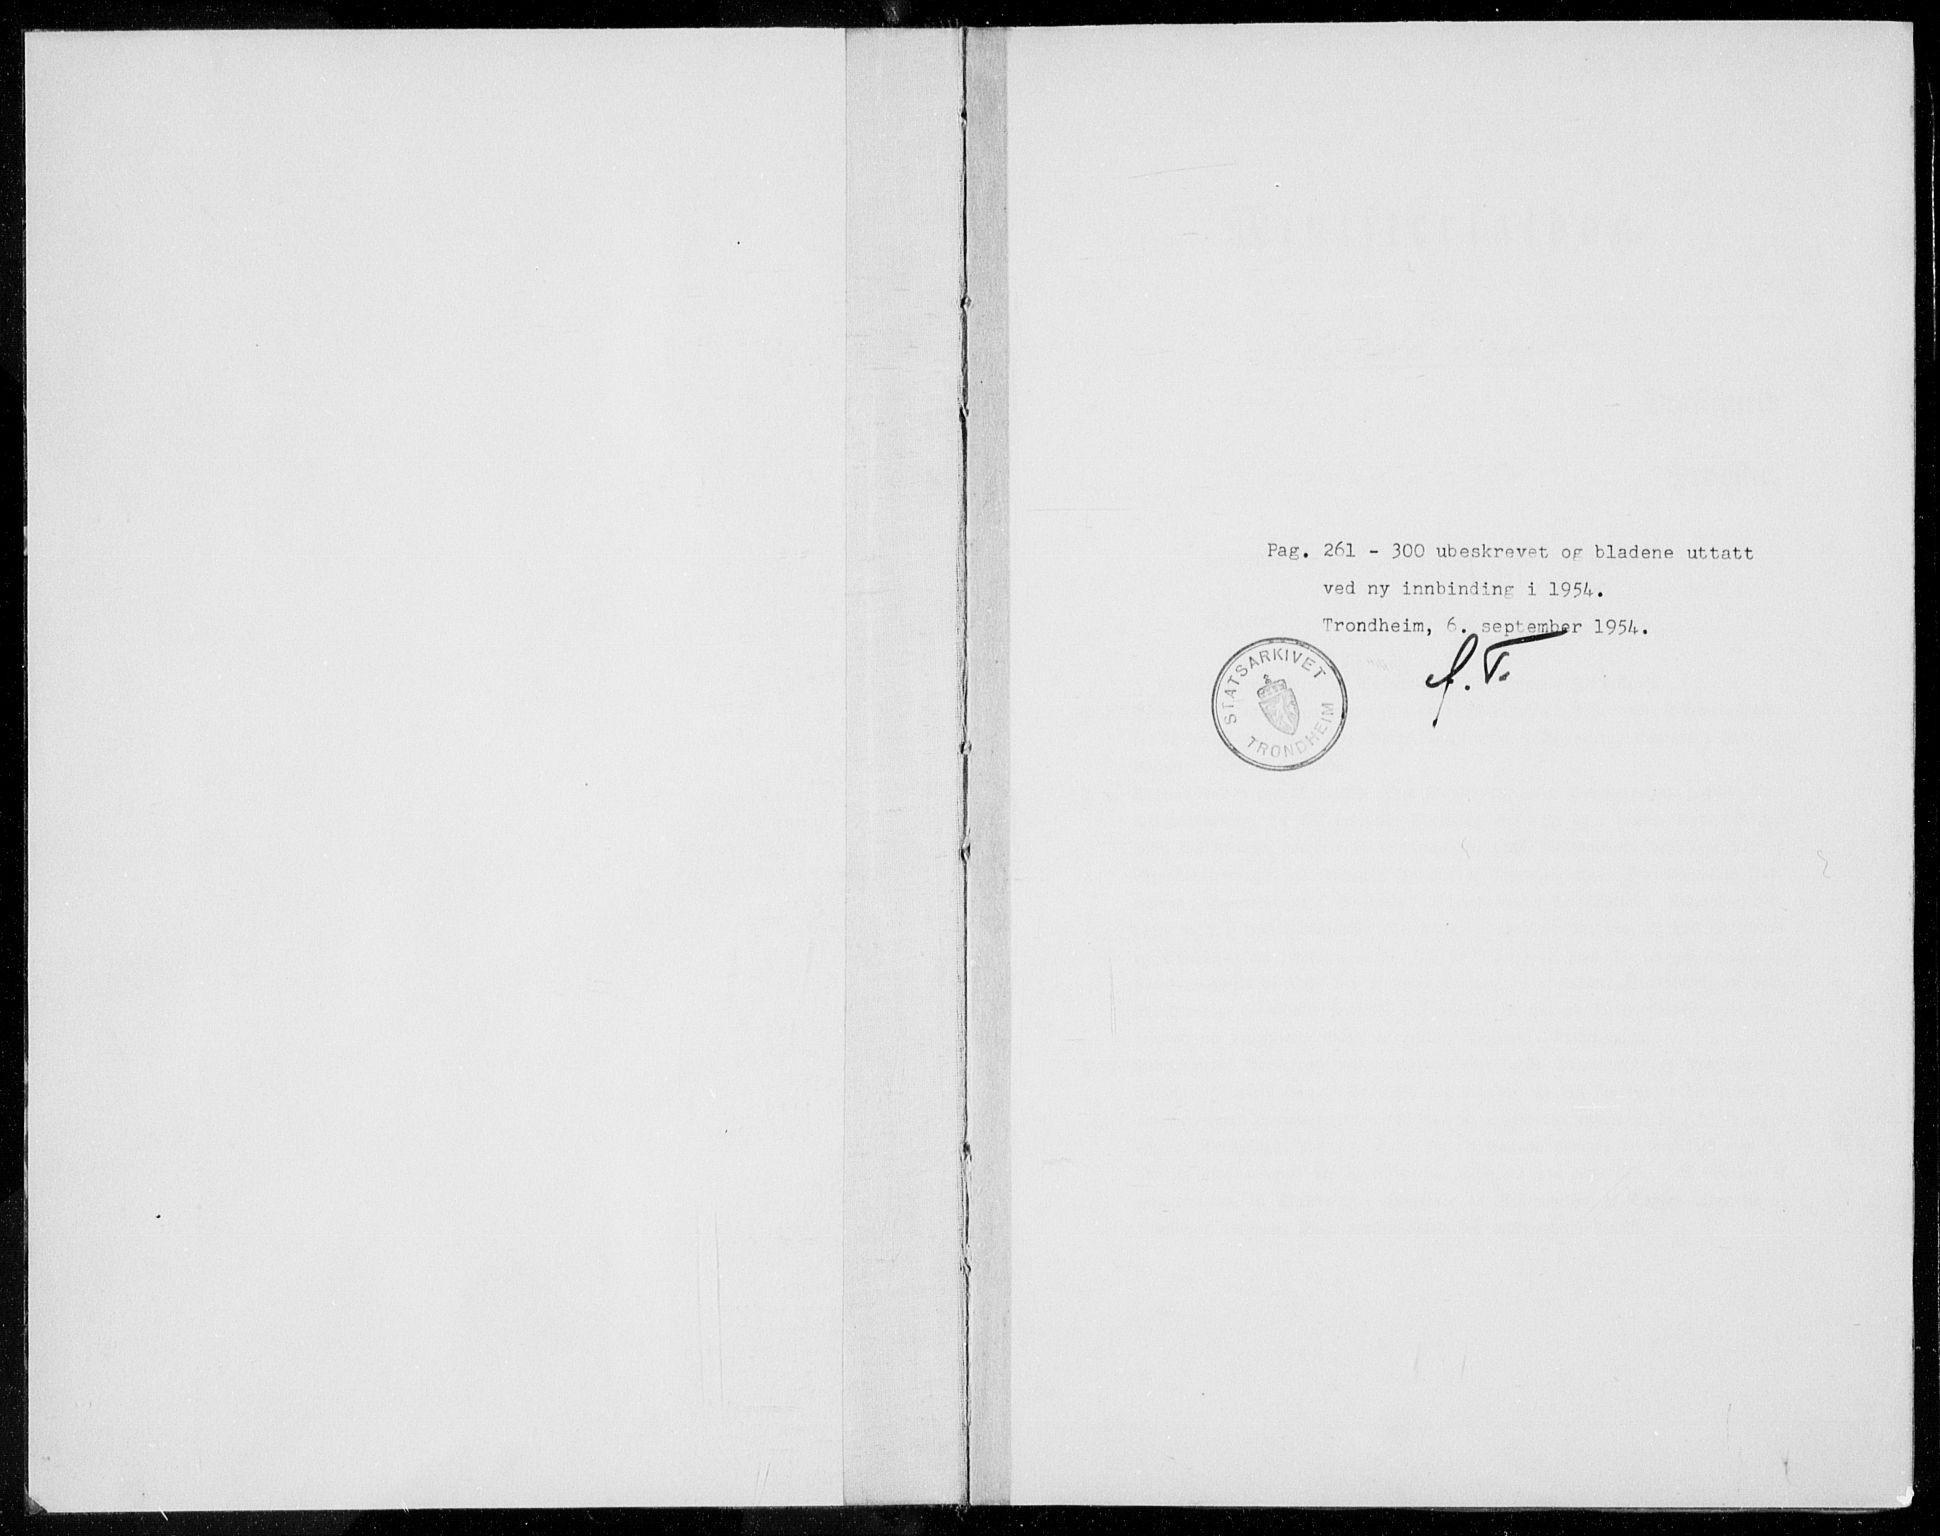 SAT, Ministerialprotokoller, klokkerbøker og fødselsregistre - Møre og Romsdal, 558/L0689: Ministerialbok nr. 558A03, 1843-1872